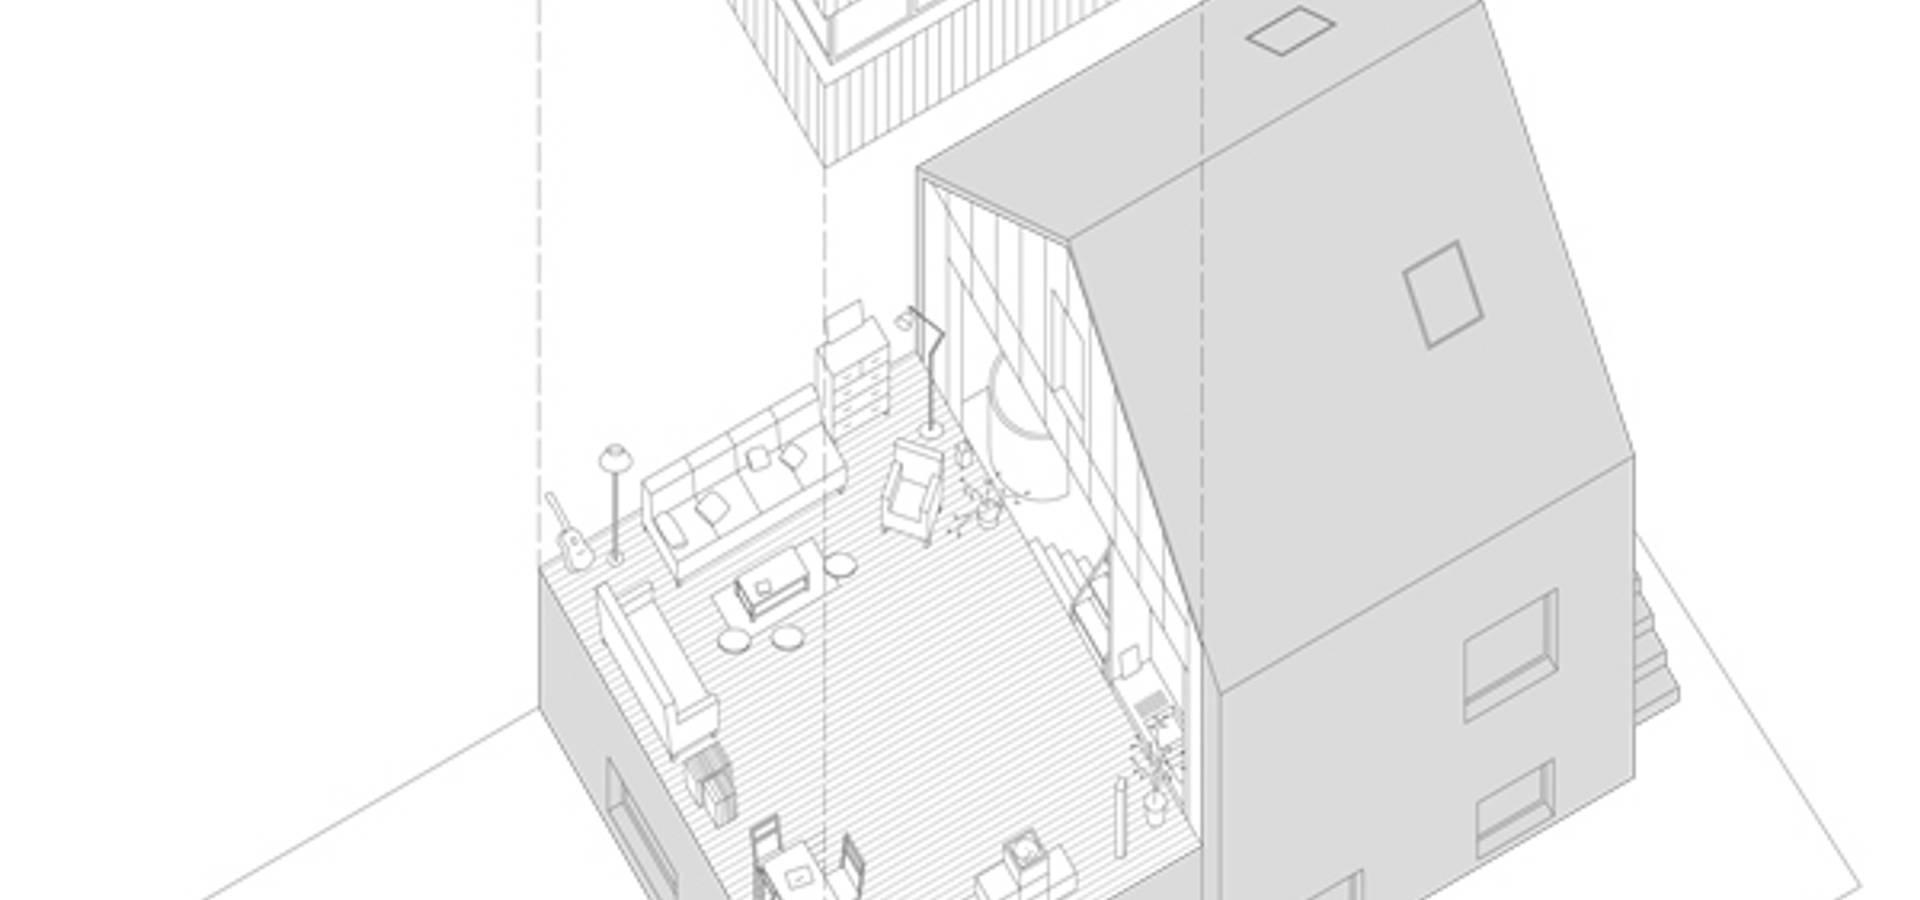 Atelier d'Architectures Fabien Gantois